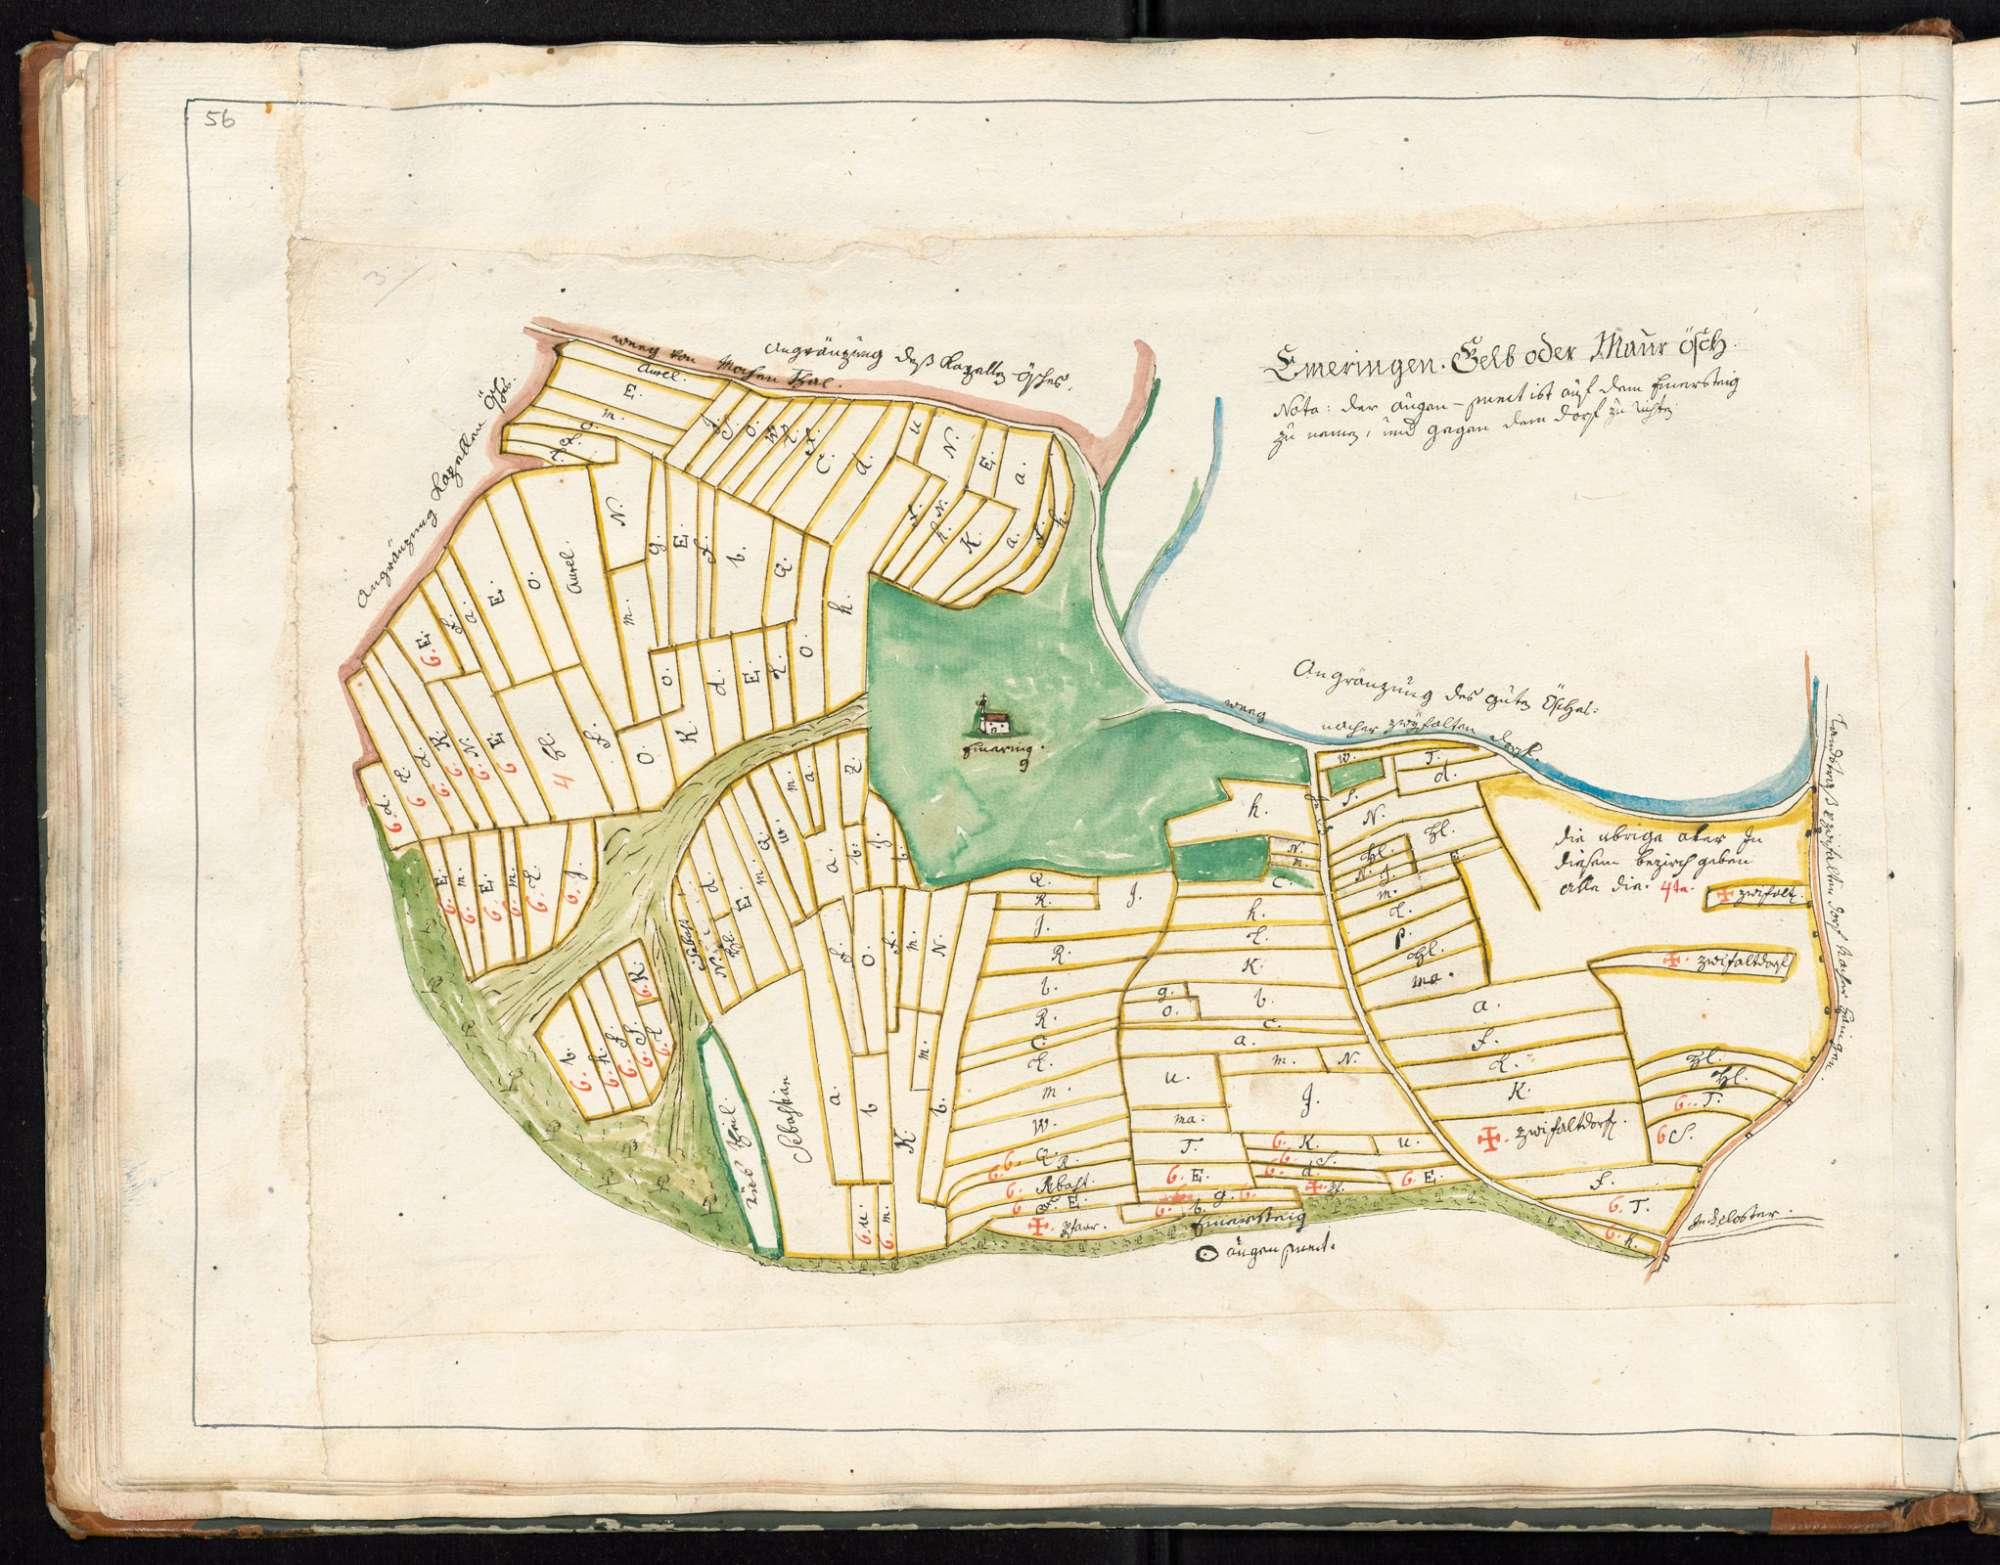 Zwiefalten, Orte des Klosterterritoriums, Emeringen (1), Bild 3